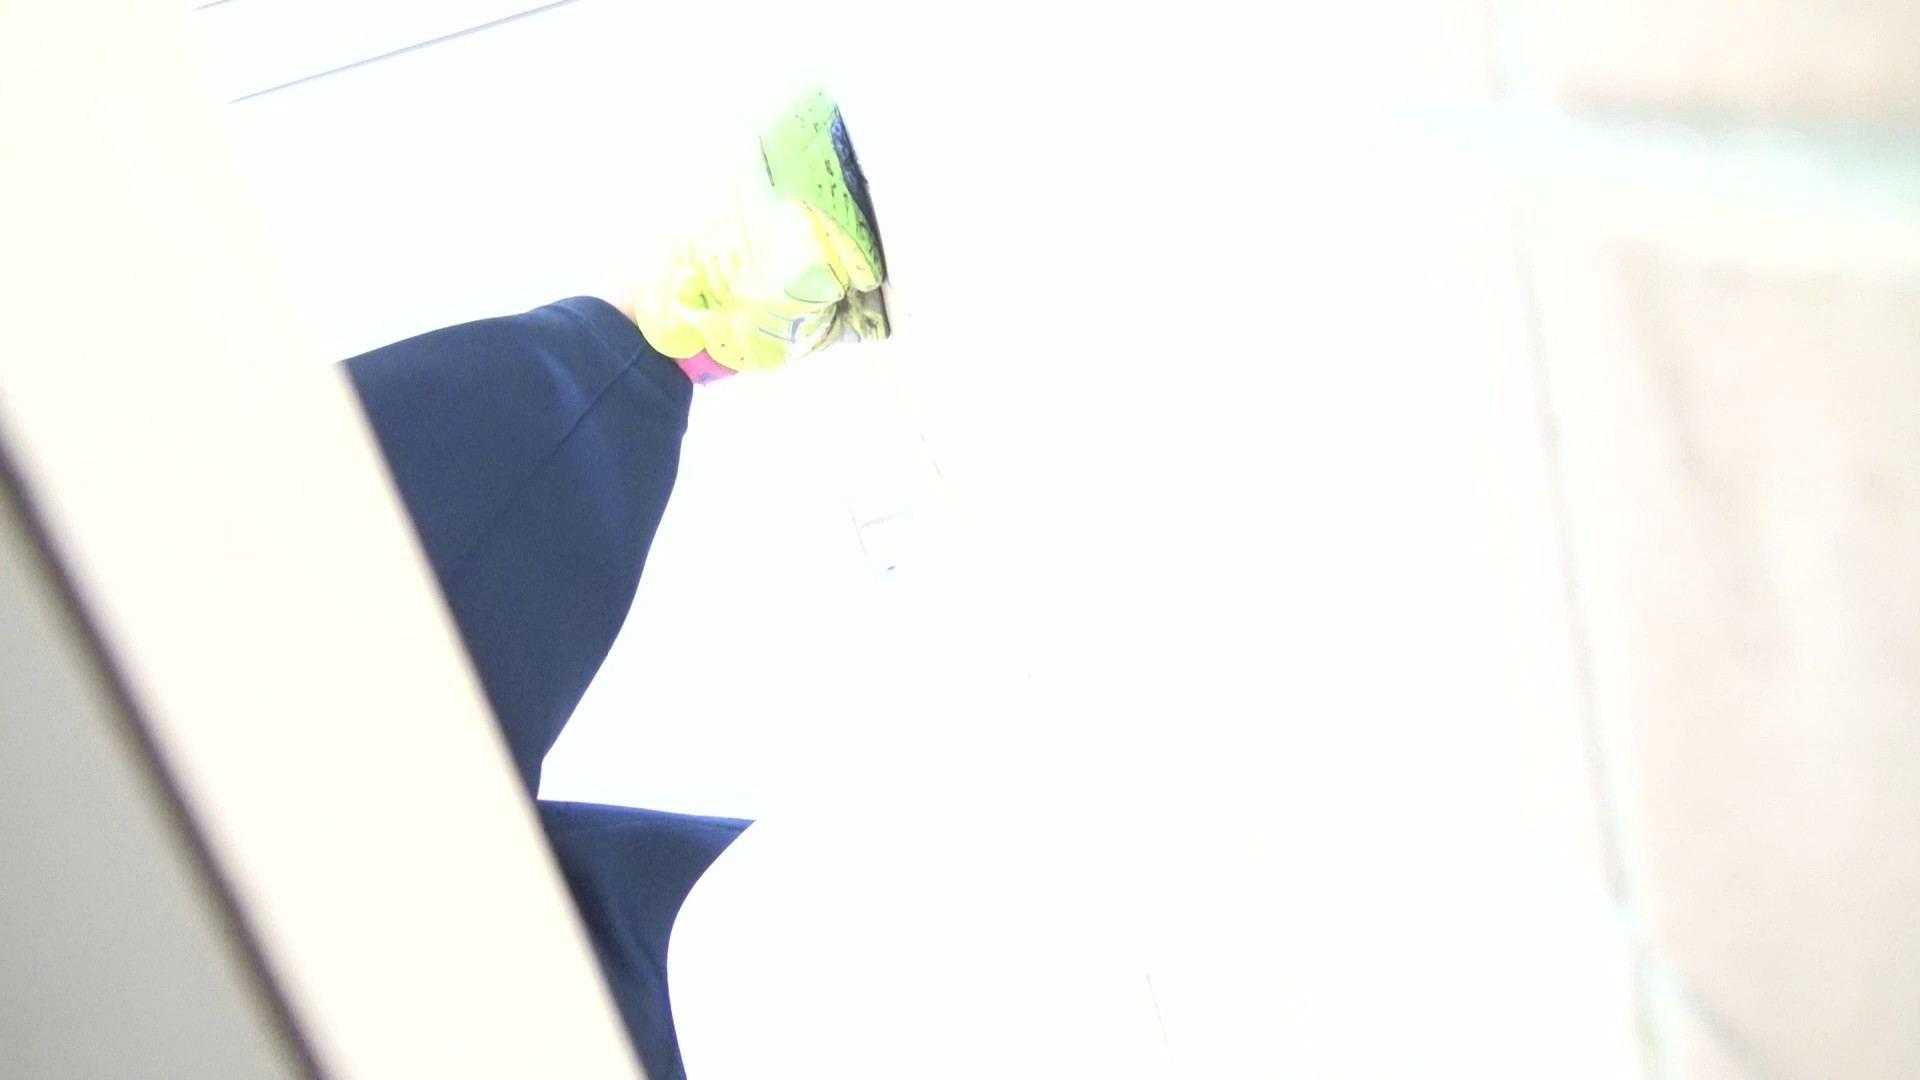 おまんこ丸見え:▲期間限定D▲至高洗面所盗撮 23 至高下方撮りちょいと2カメ!!:怪盗ジョーカー